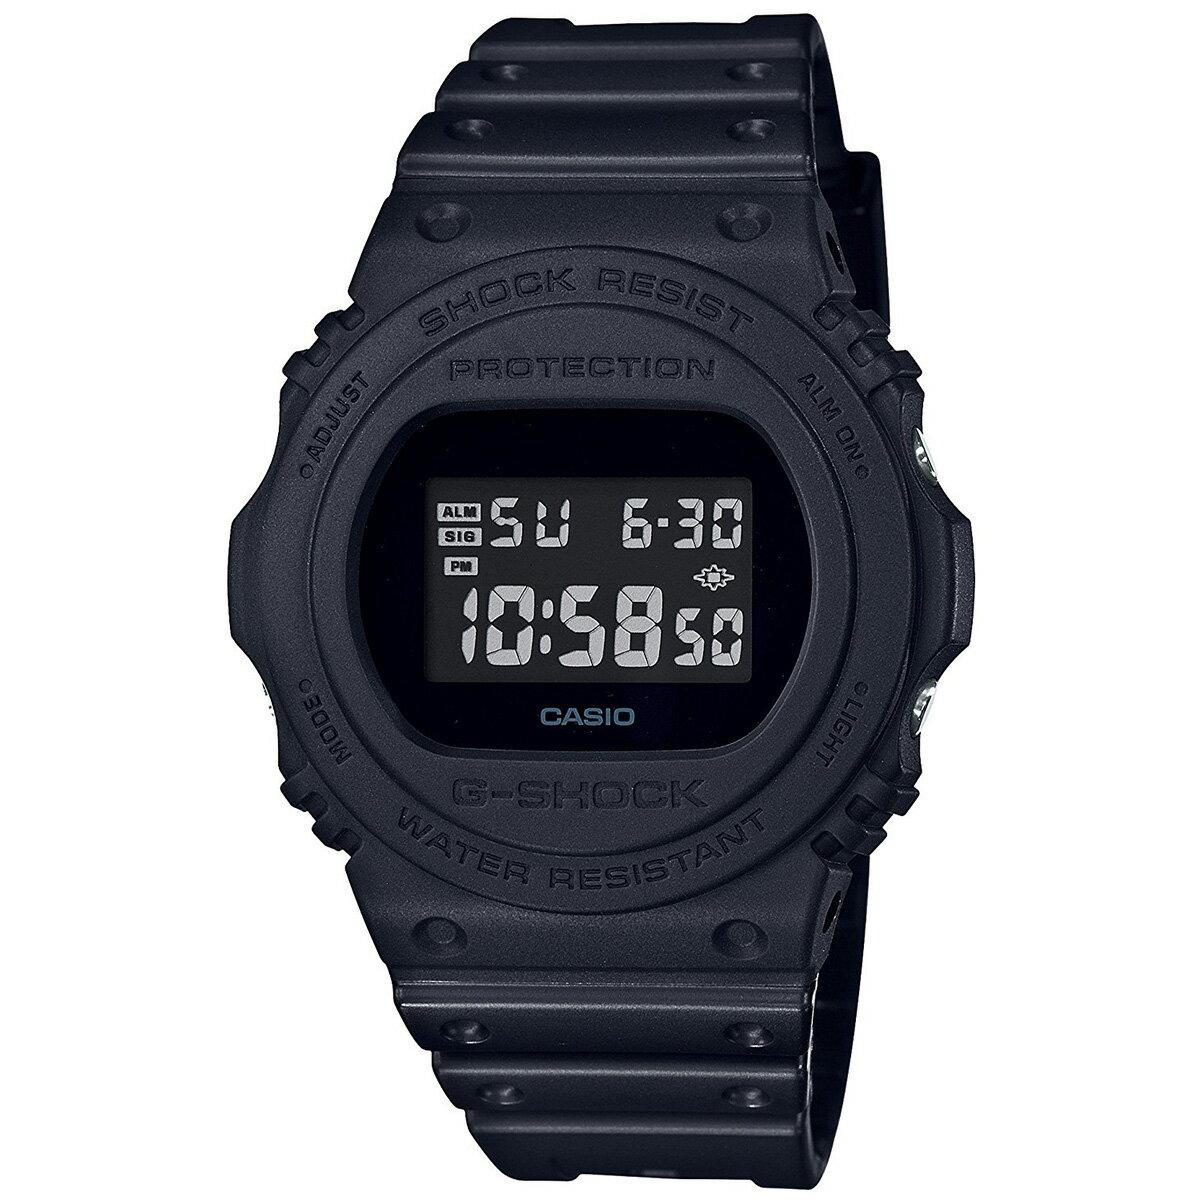 腕時計, メンズ腕時計 CASIO G-SHOCK DW-5750E-1BJF G